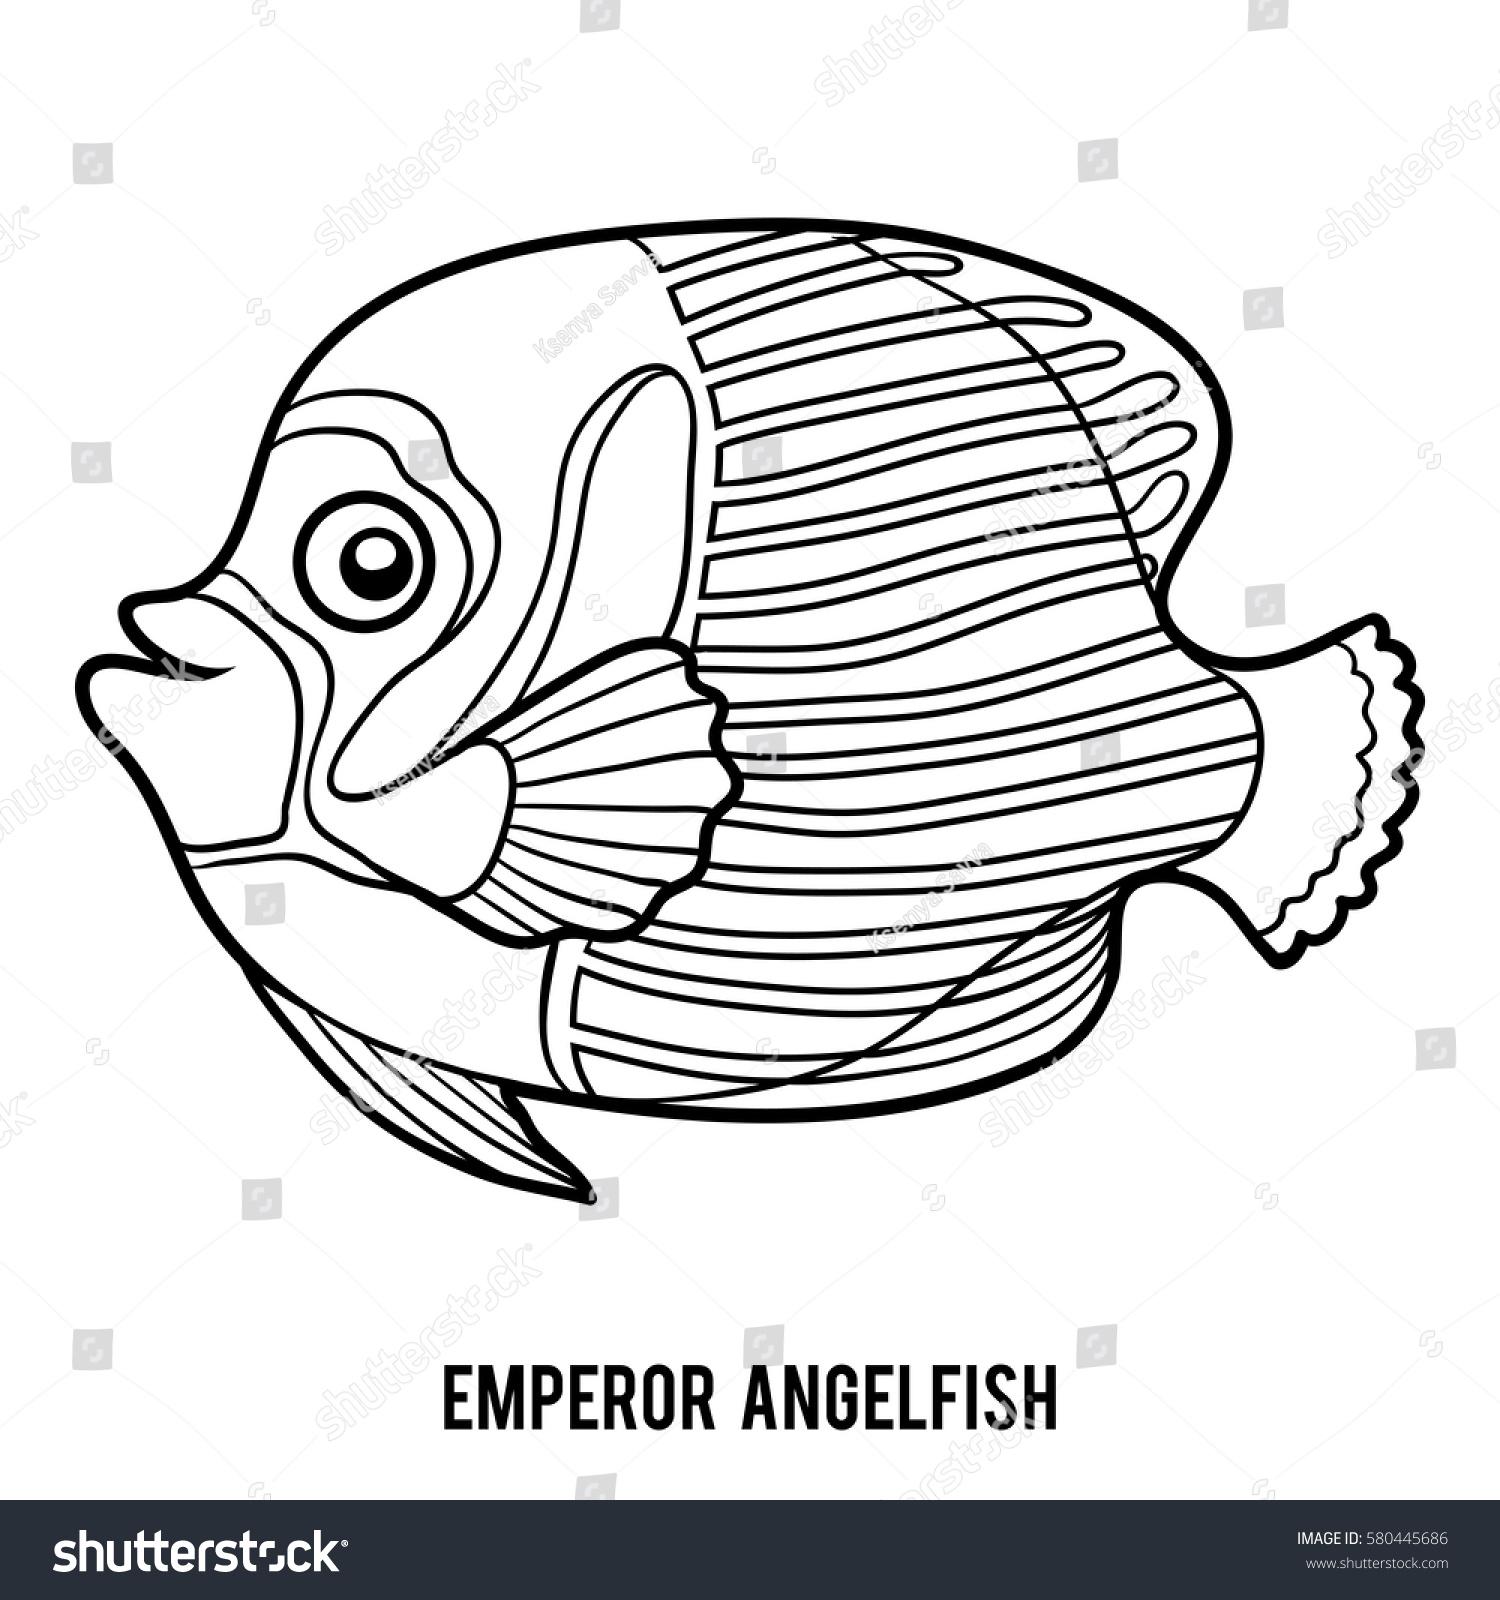 coloring book children emperor angelfish stock vector 580445686